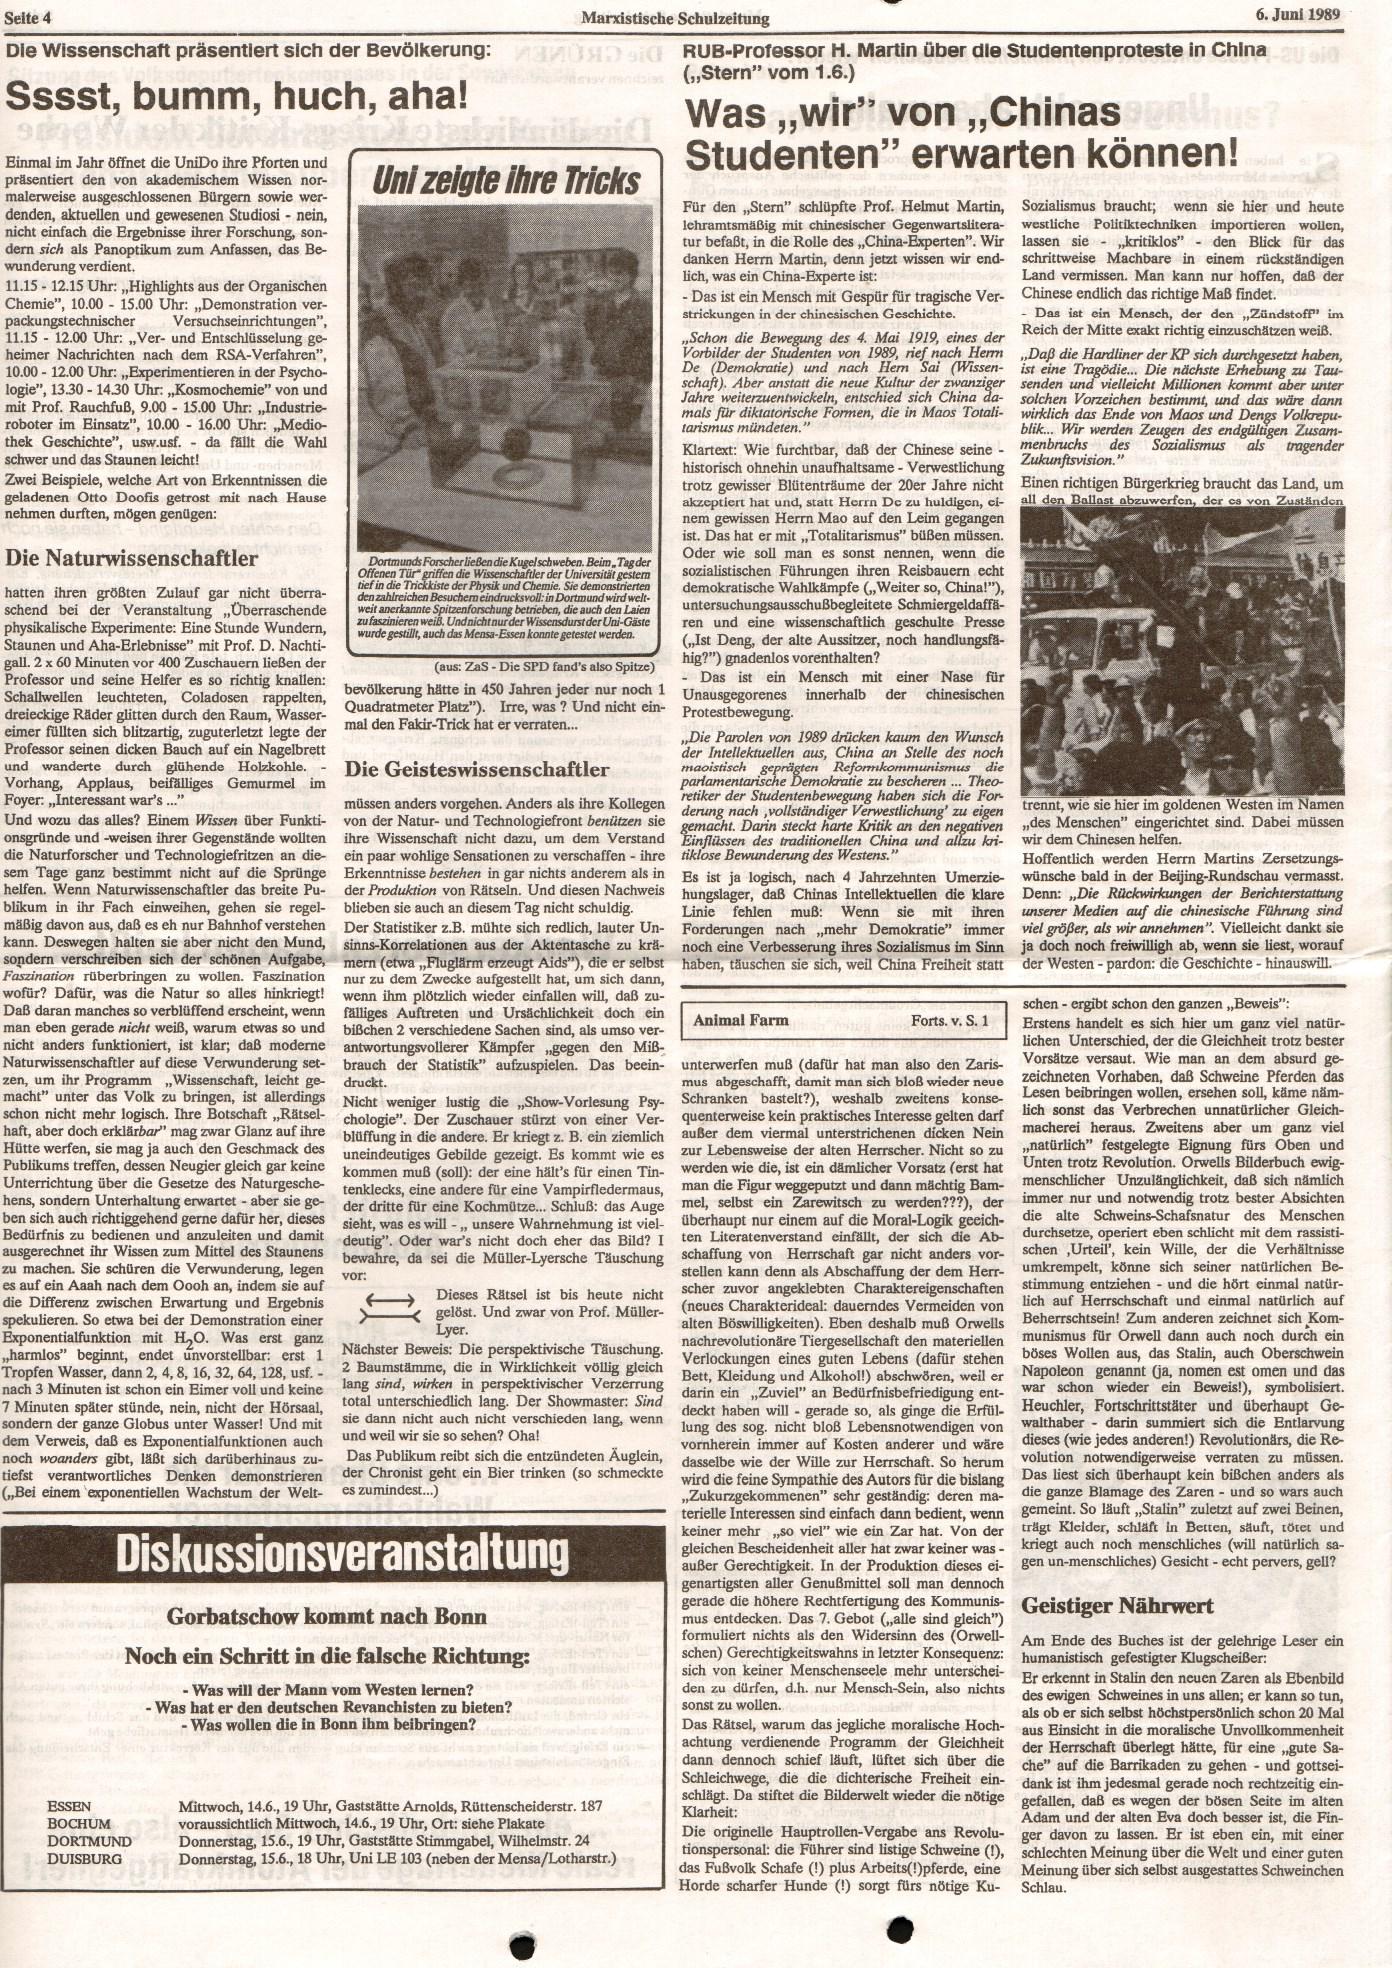 Ruhrgebiet_MG_Marxistische_Schulzeitung_19890606_04